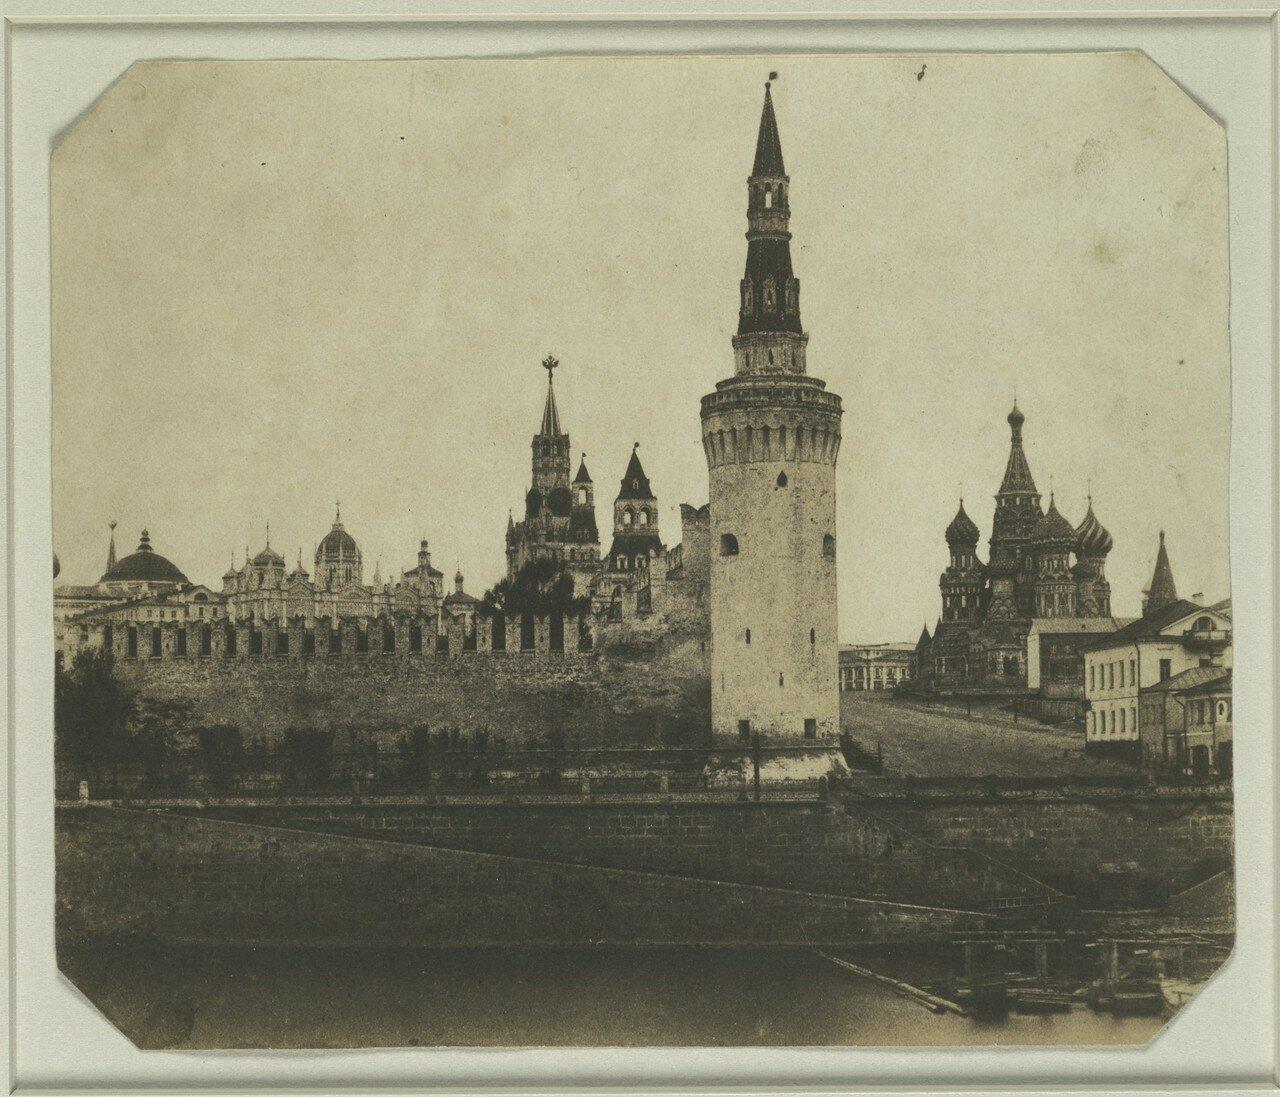 Юго-восточный угол Кремля